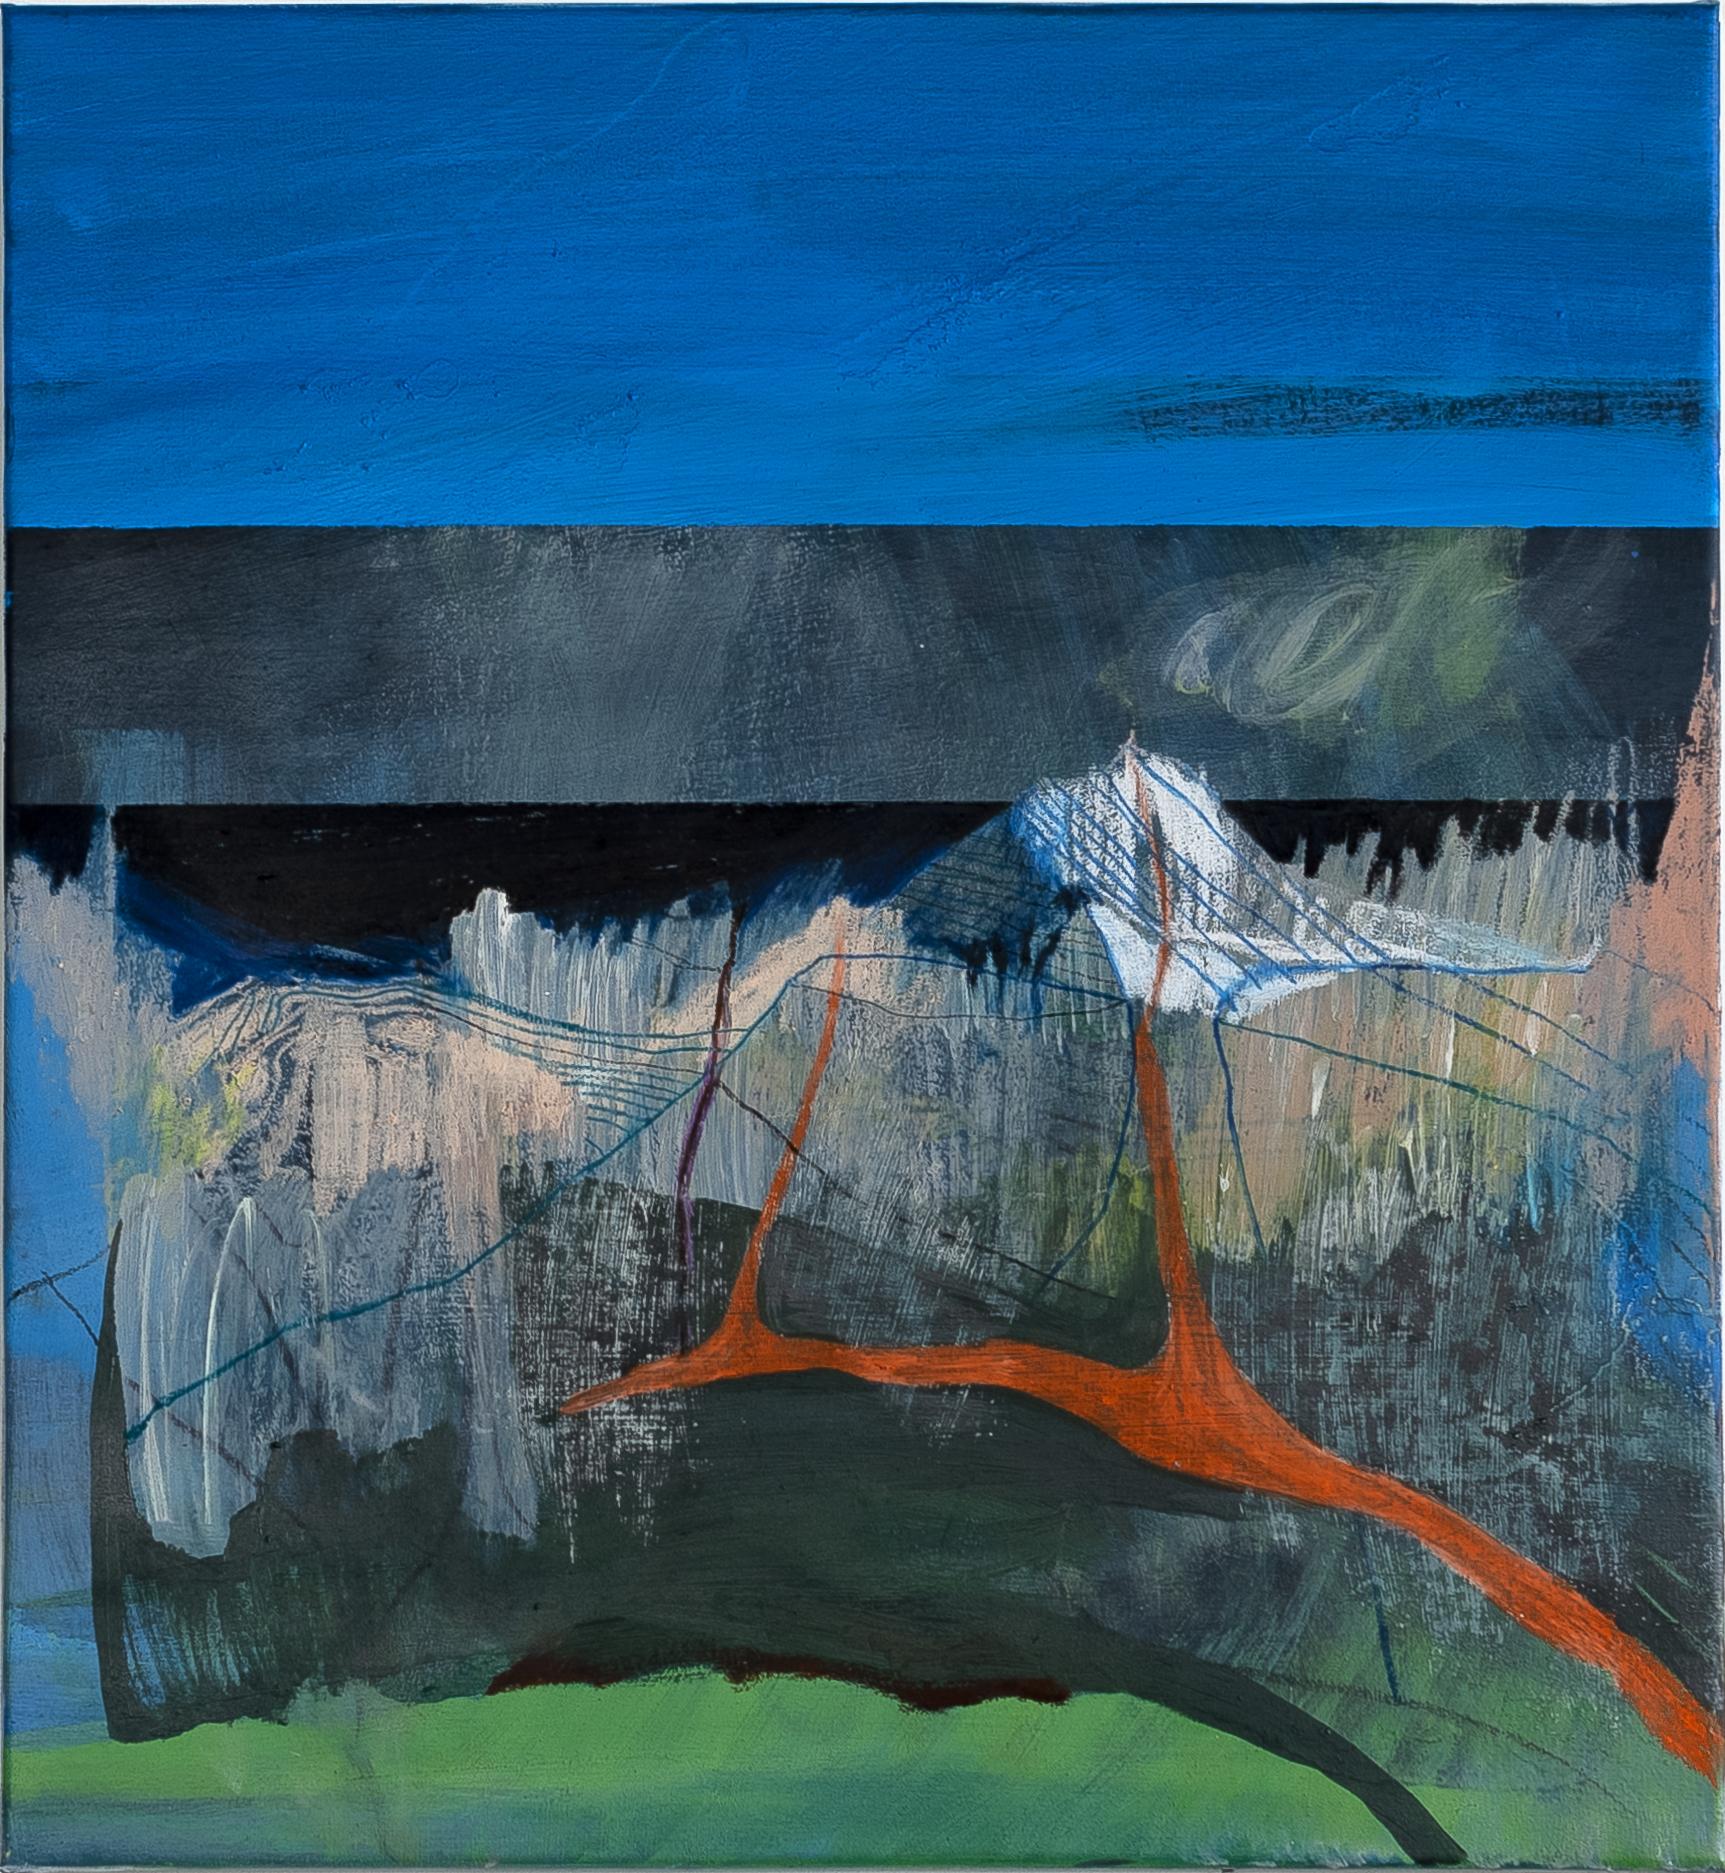 """""""A still volcano life"""" (dettaglio dell'opera), 2019, acrilico e olio su tela, 70 x 65 cm, Courtesy l'artista e Boccanera Gallery Trento"""